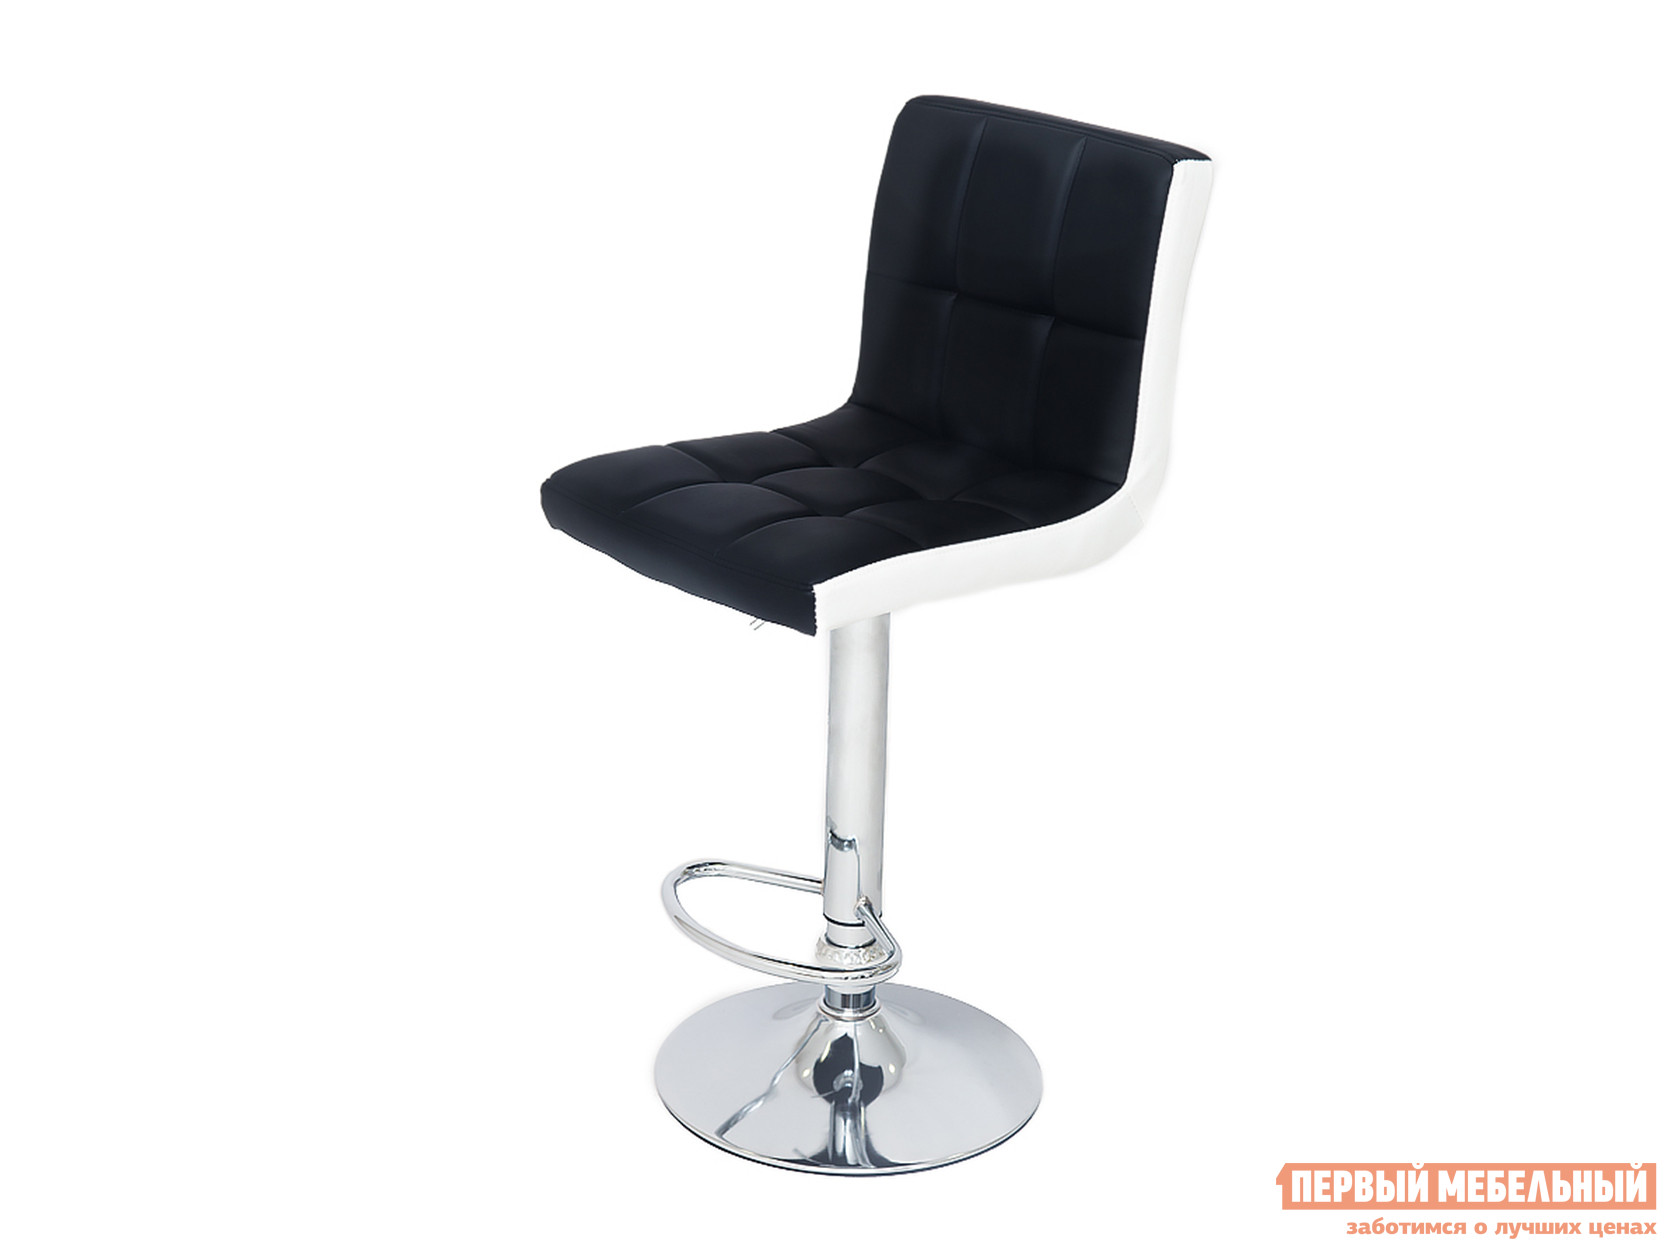 Барный стул Бентли Трейд JY-1005 NEW BLACK / WHITE